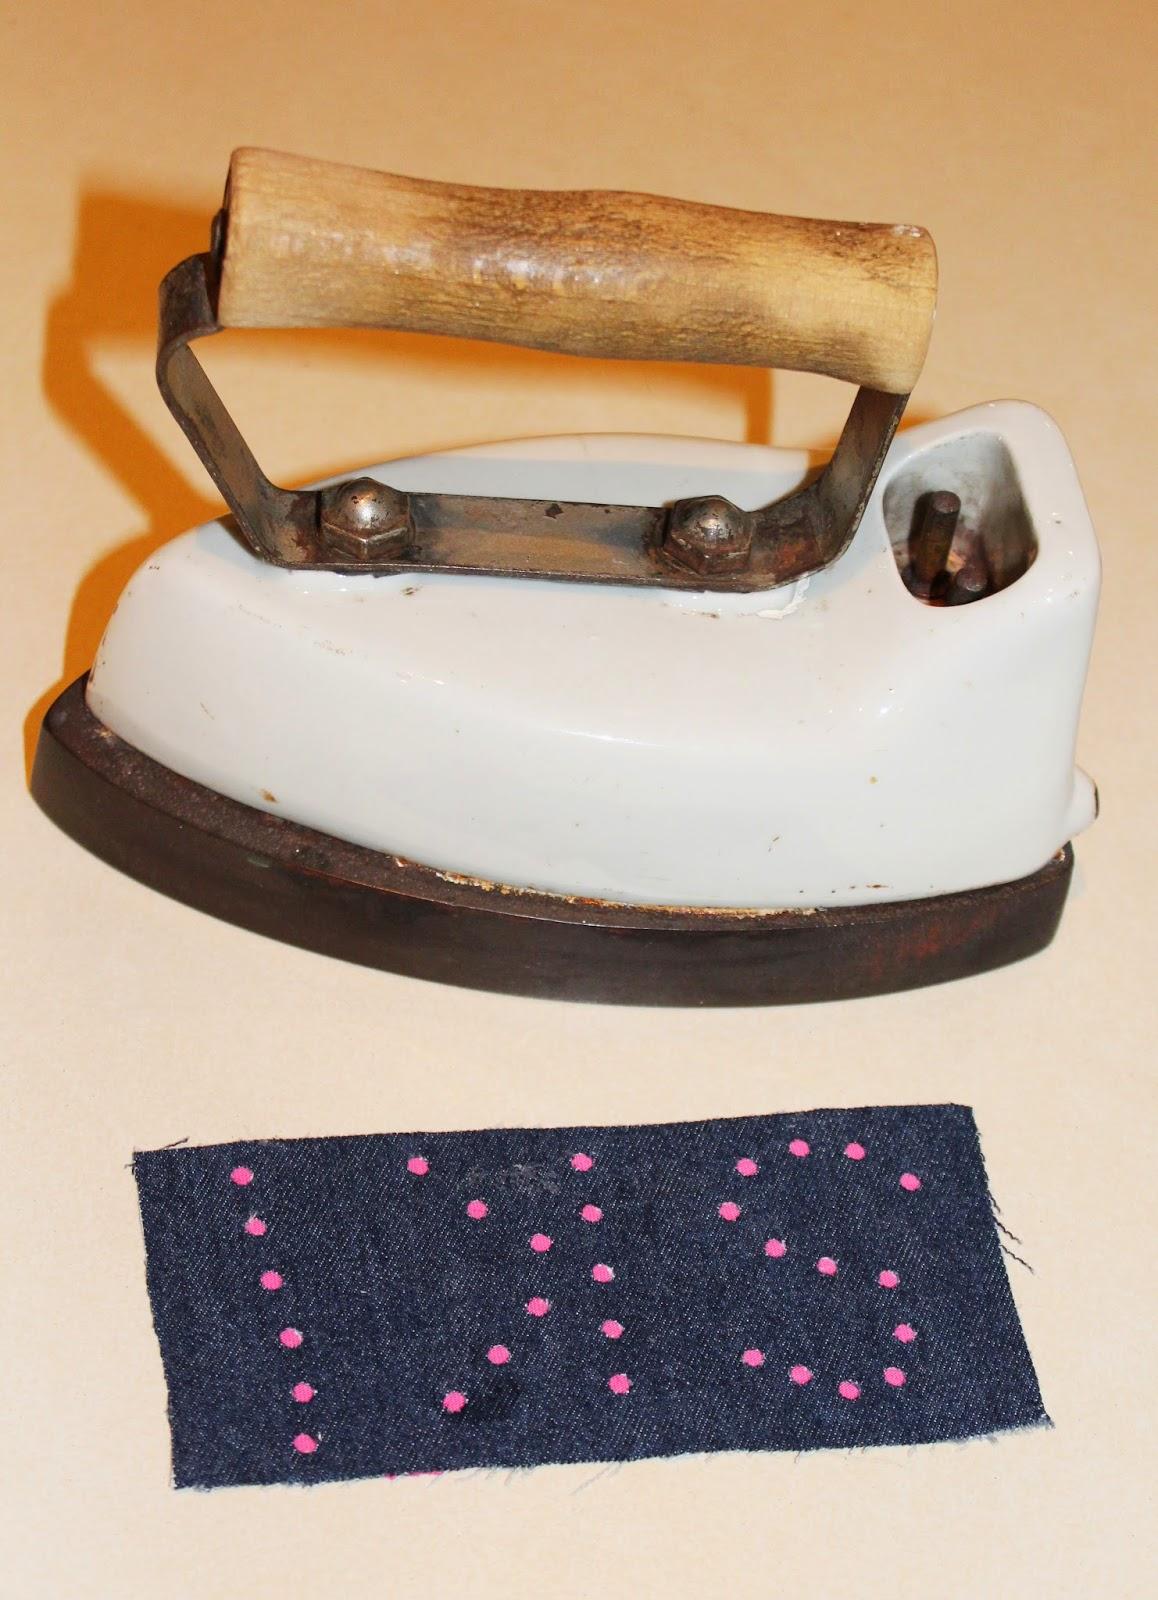 łatka z materiału DIY,ceramiczne żelazko,stare żelazko, DIY project, klejenie tkanin, klej